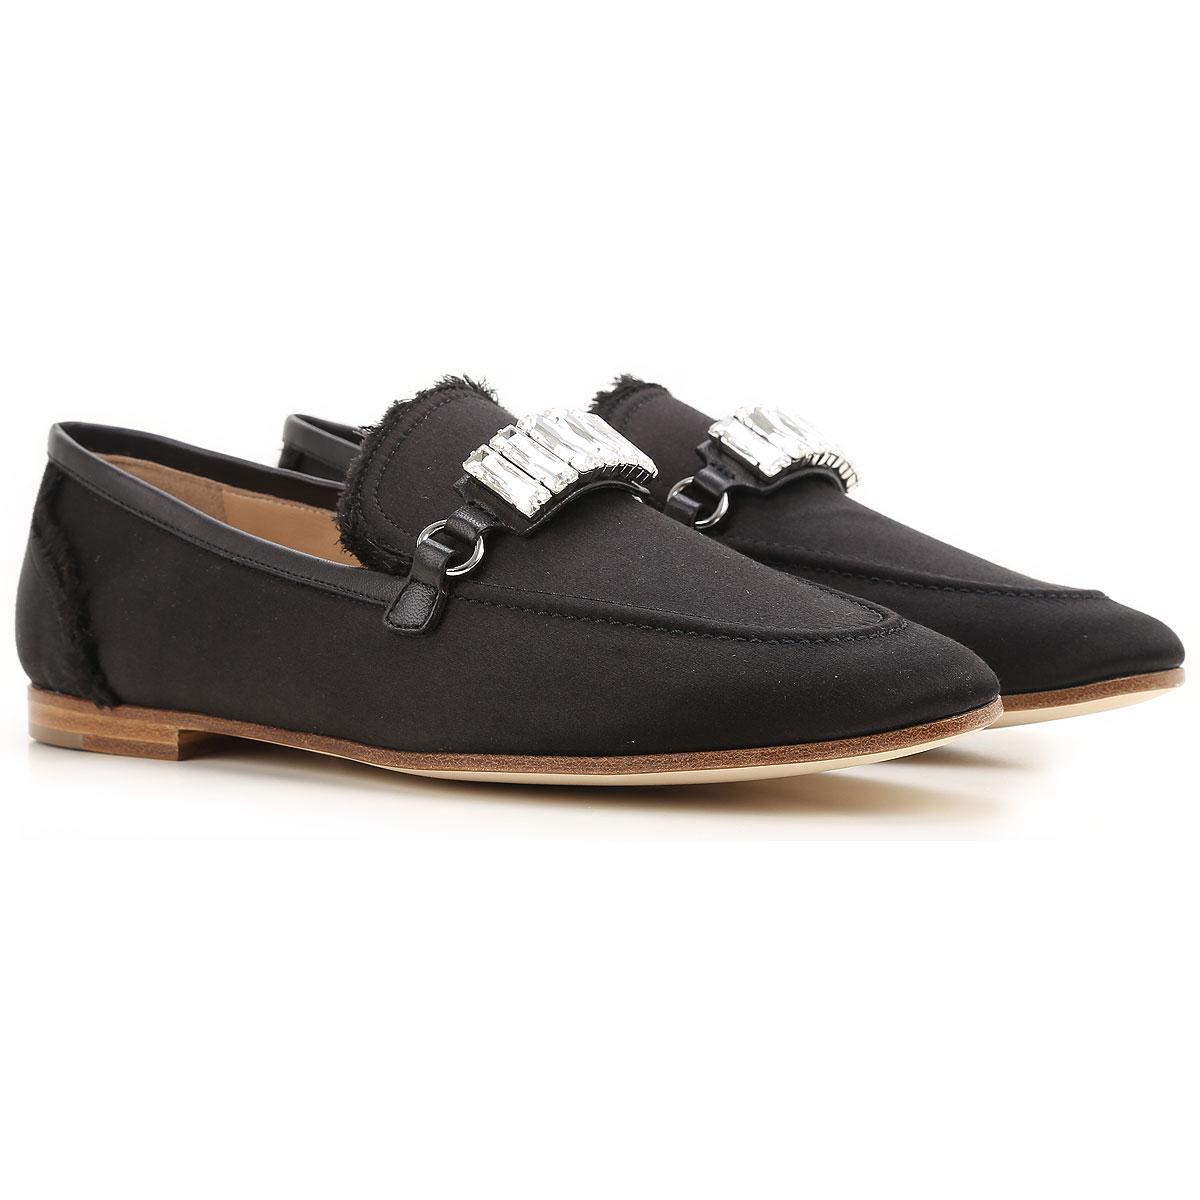 Giuseppe Zanotti Design Slip on Sneakers for Women On Sale in Outlet, Black, satin, 2019, 10 6 7 8 8.5 9 9.5